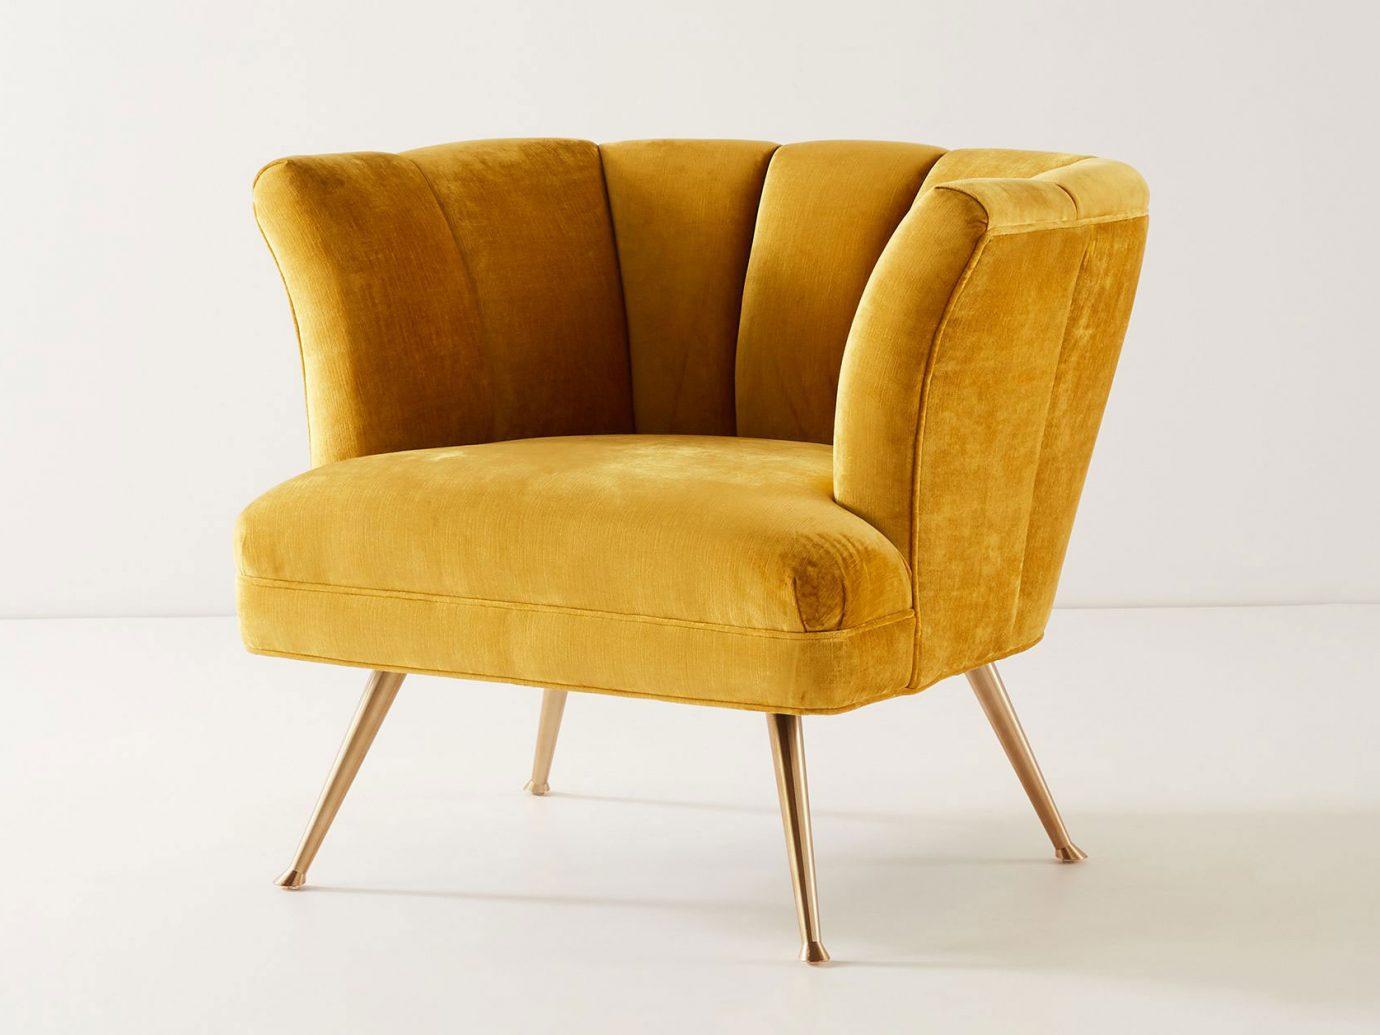 Anthropologie velvet Tulip Chair